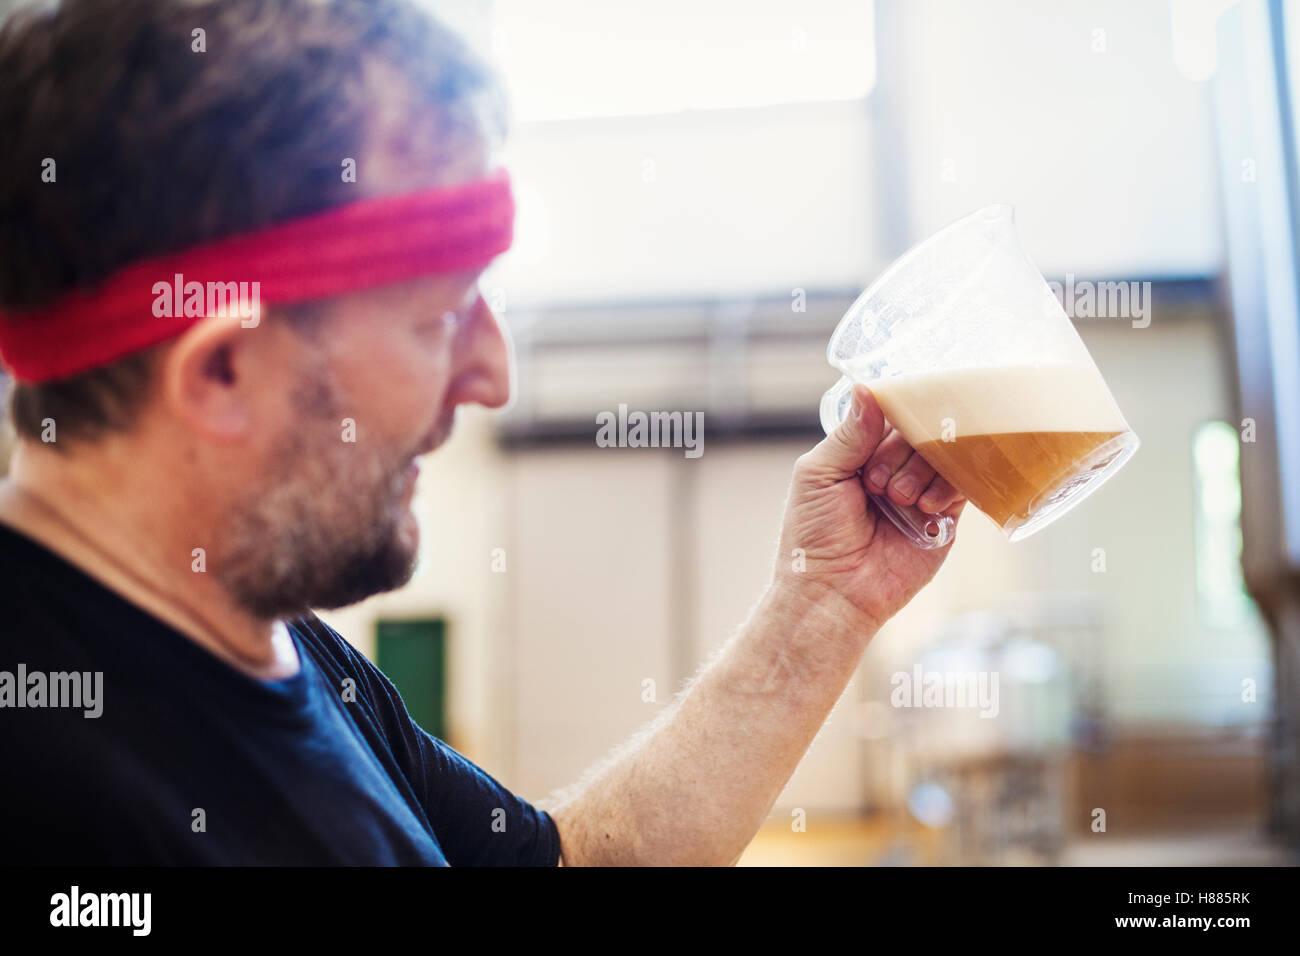 Ein Brauer mit ein rotes Halstuch nehmen einen Krug Bier zu brauen und es untersuchen. Stockbild